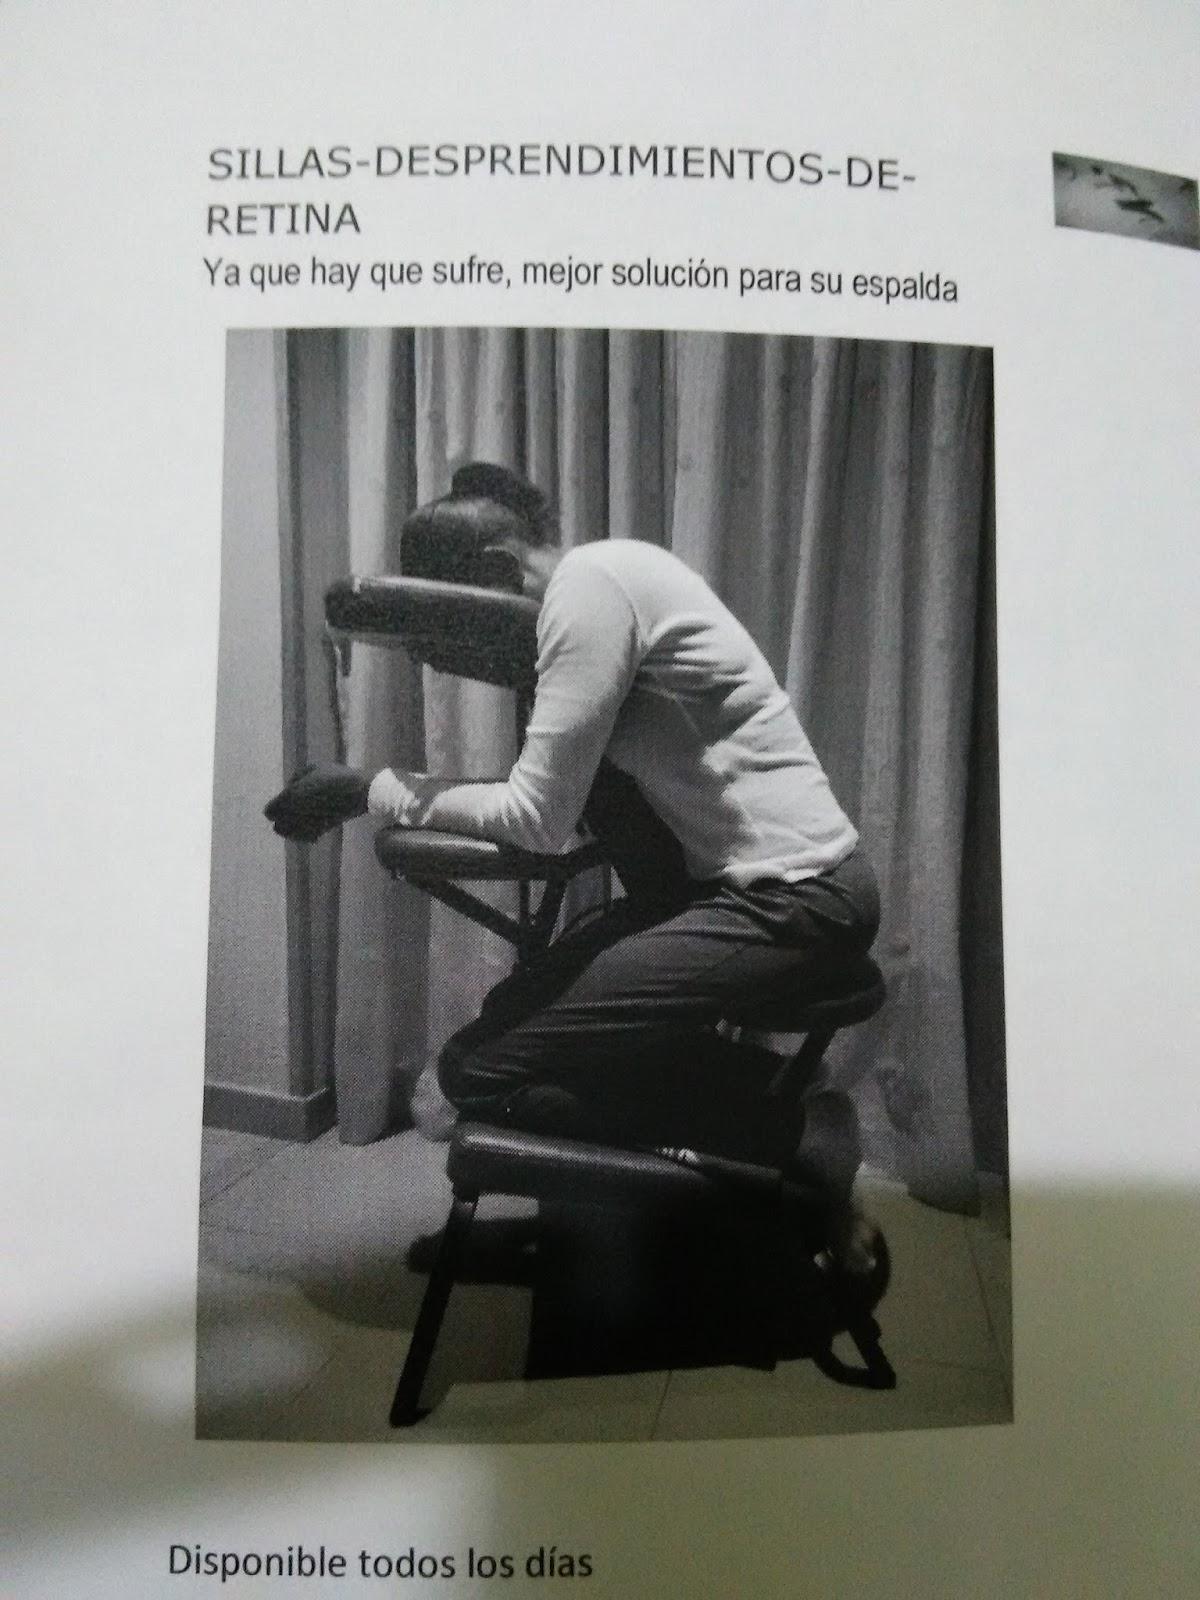 Operaci n desprendimiento de retina - Sillas para la espalda ...